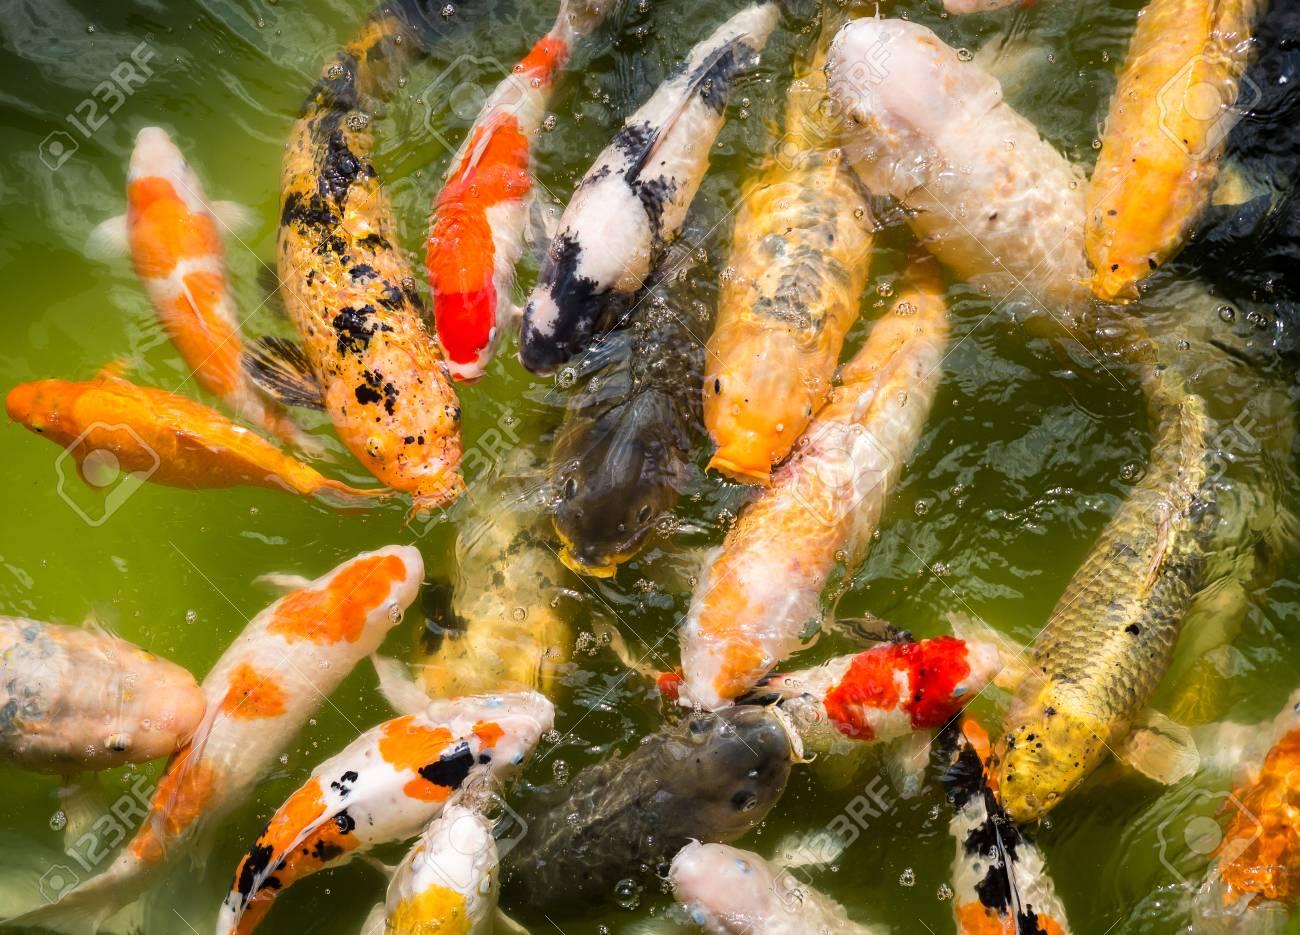 Koi, more specifically Nishikigoi, are ornamental carp, colored